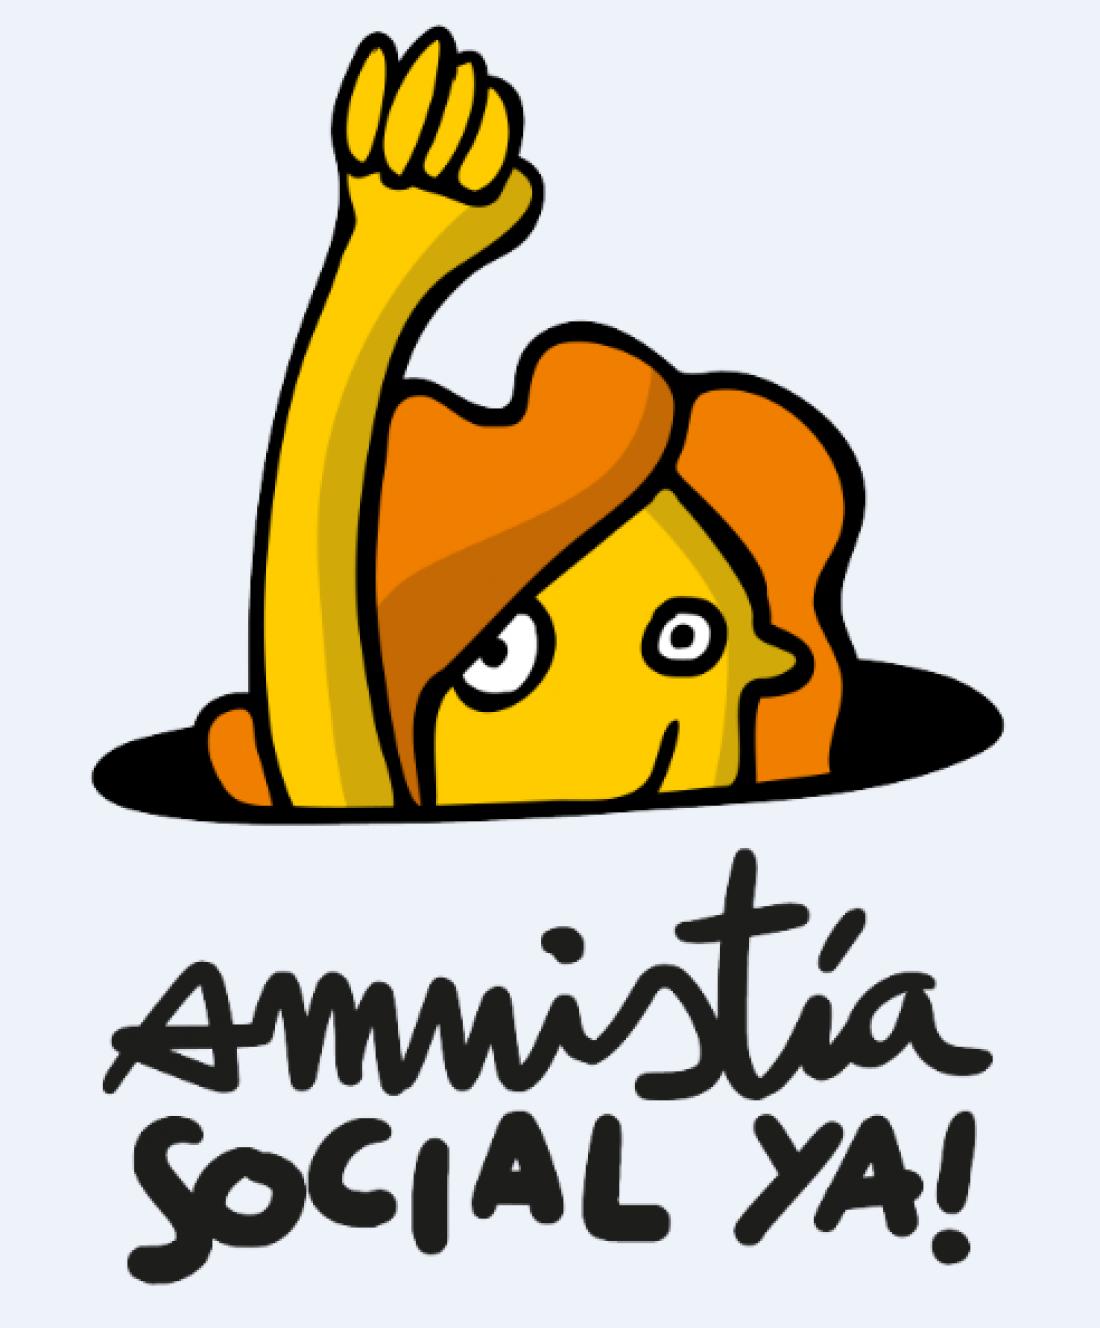 Amnistía  Social ya !!!